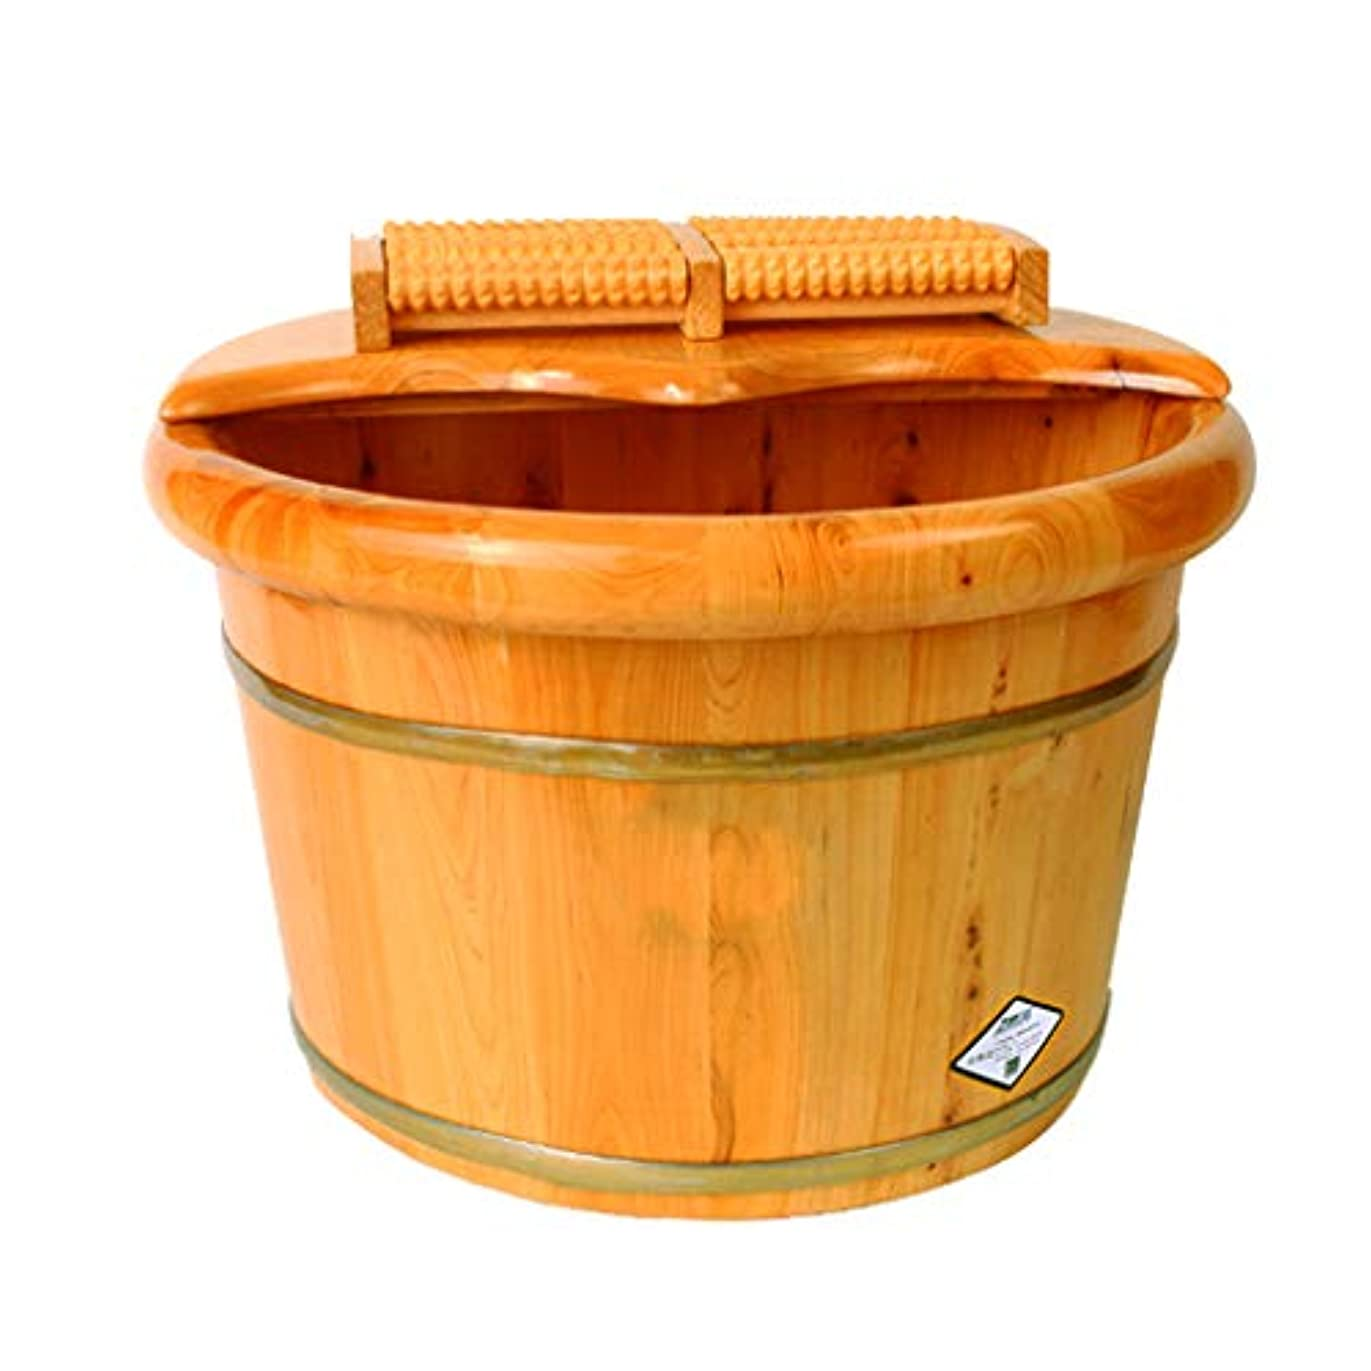 つらい舞い上がる濃度HJBH高品質純粋な天然杉ウッドフット風呂樽ふた付き木製世帯フット浴槽厚いシダーウッドフットマッサージャーサイズ:直径41.5 M *高26 CM